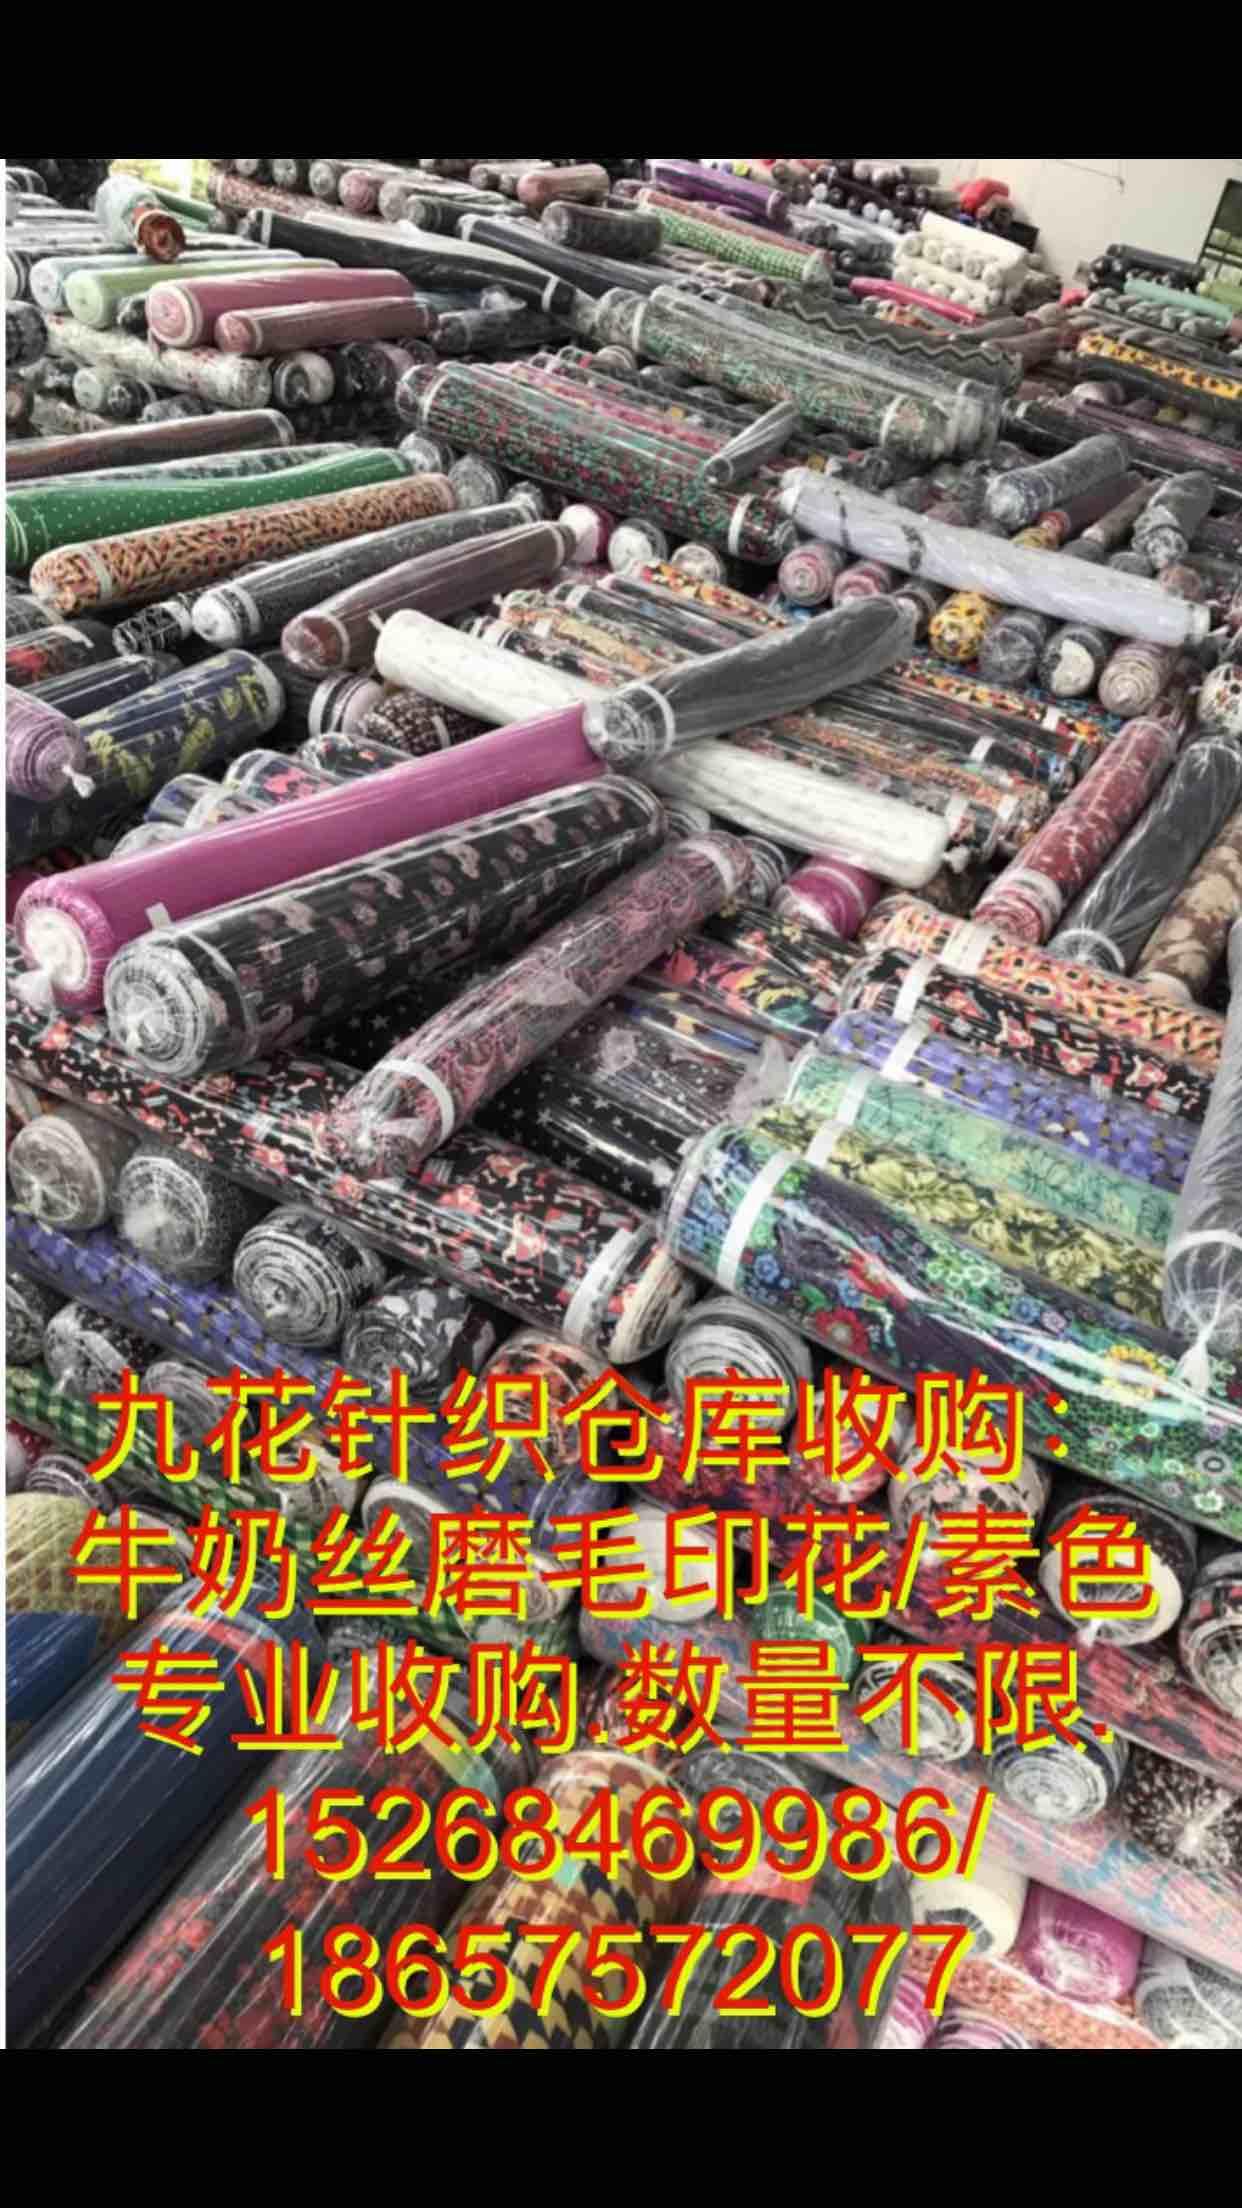 新到80吨运动类高档针织面料.做阿迪达斯耐克的高档针织面料18657572077